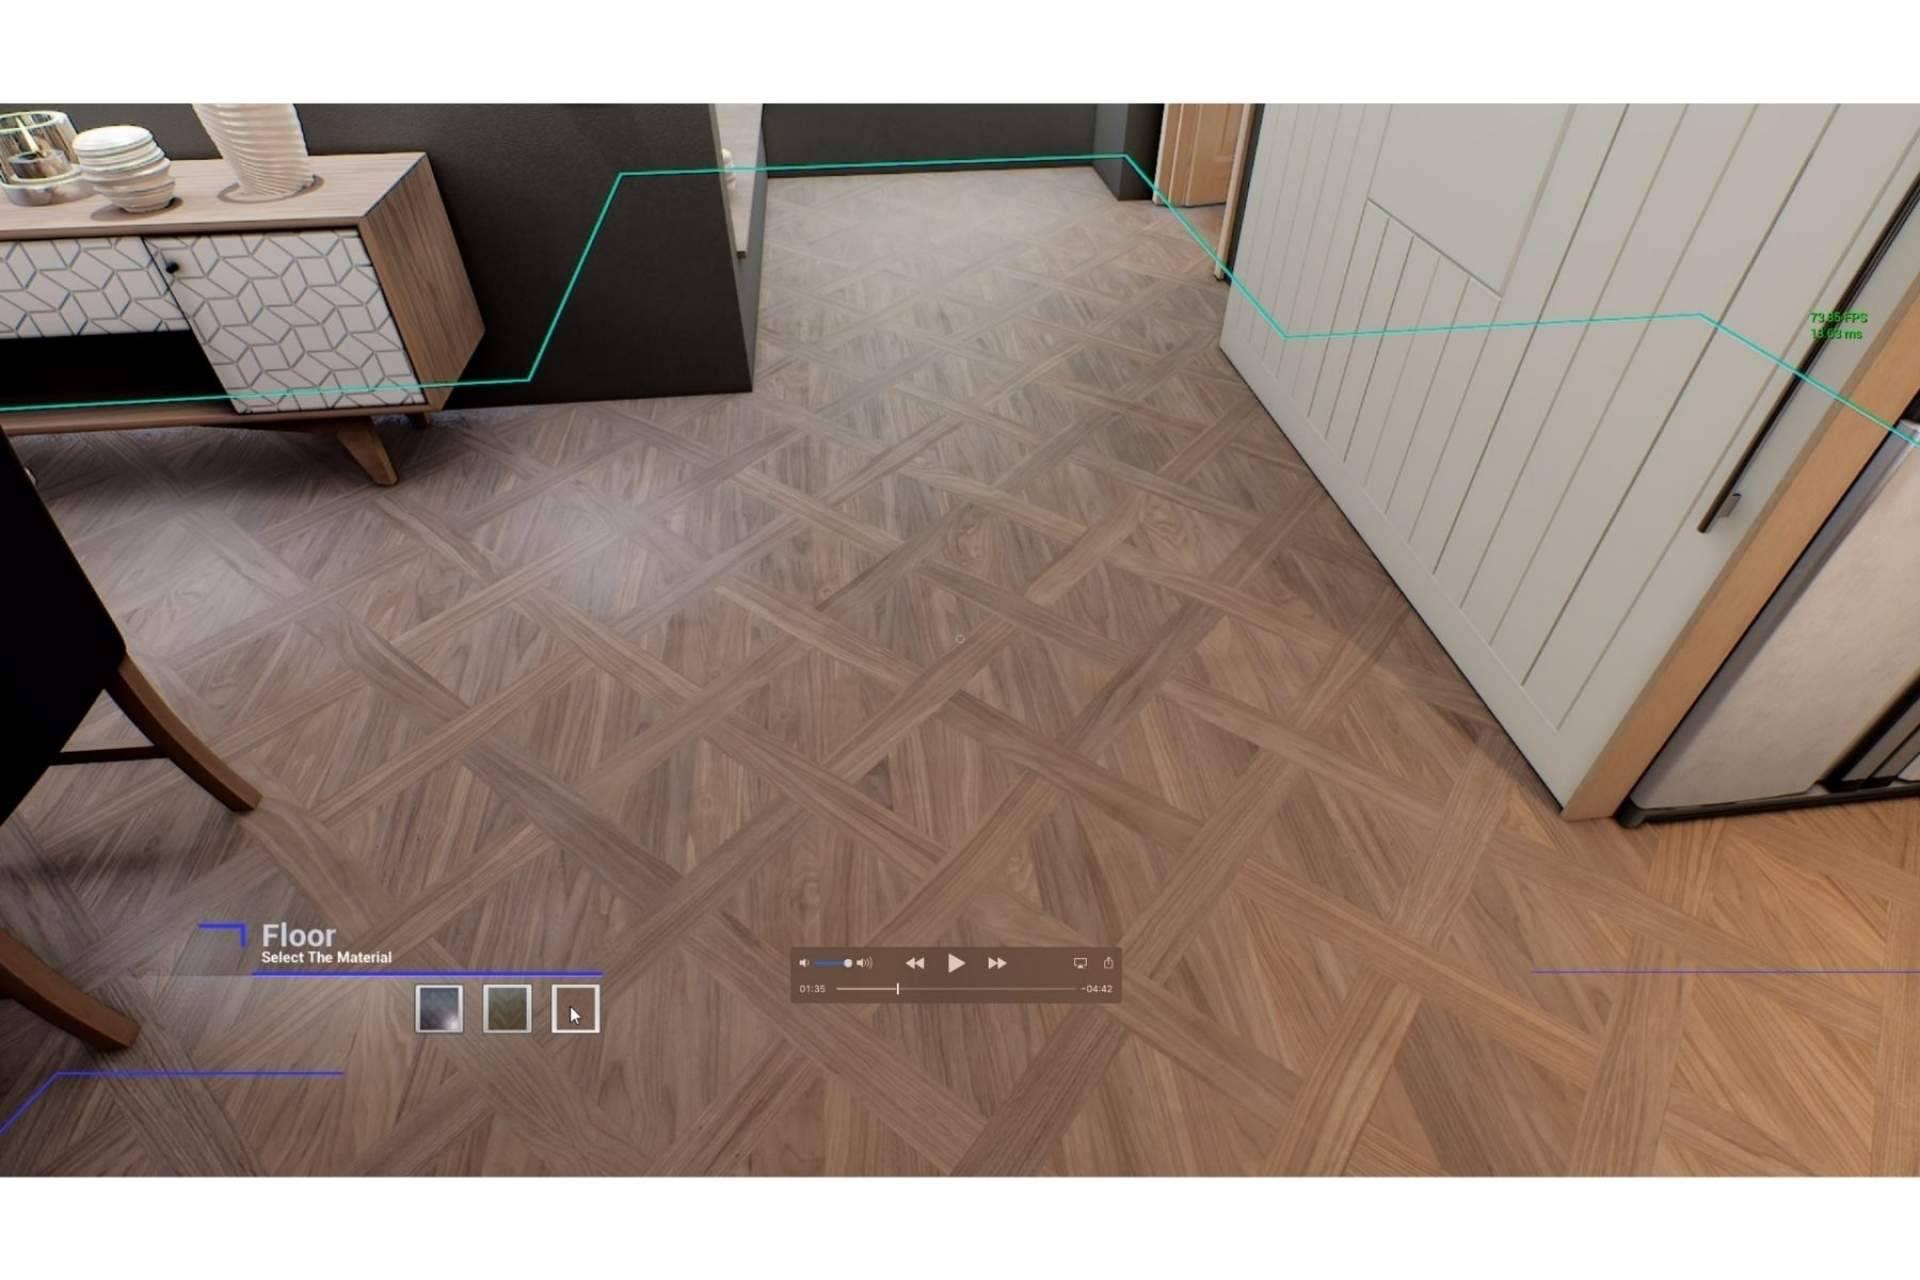 El uso de software se convierte en la gran ventaja competitiva del sector inmobiliario, por 3D Business School